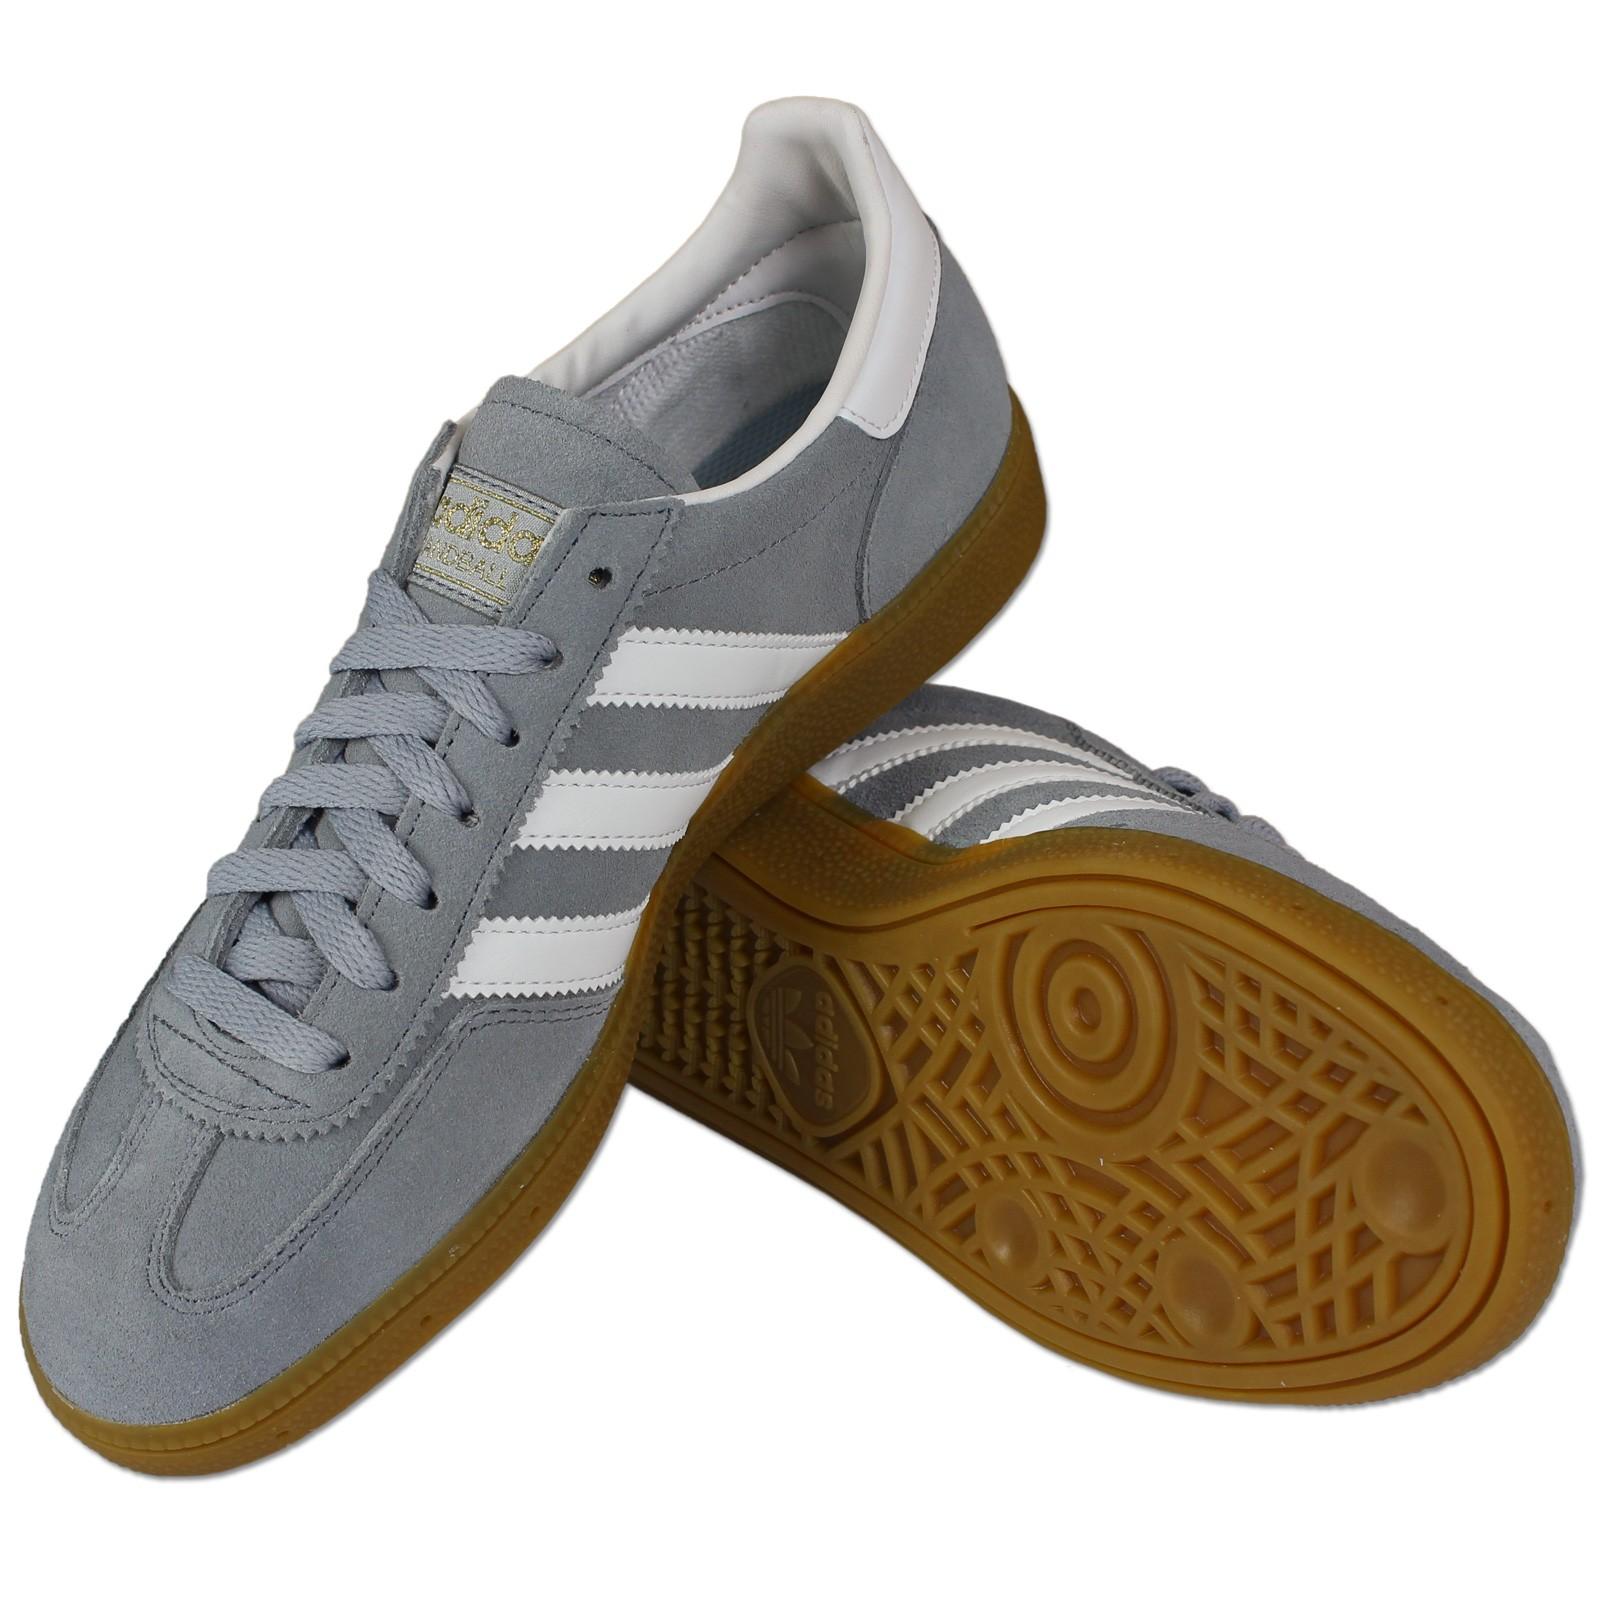 best service 00153 e80c2 Schuhe Leder Originals Sneaker Spezial Damen Freizeit Adidas Herren  XuwPTOkZi